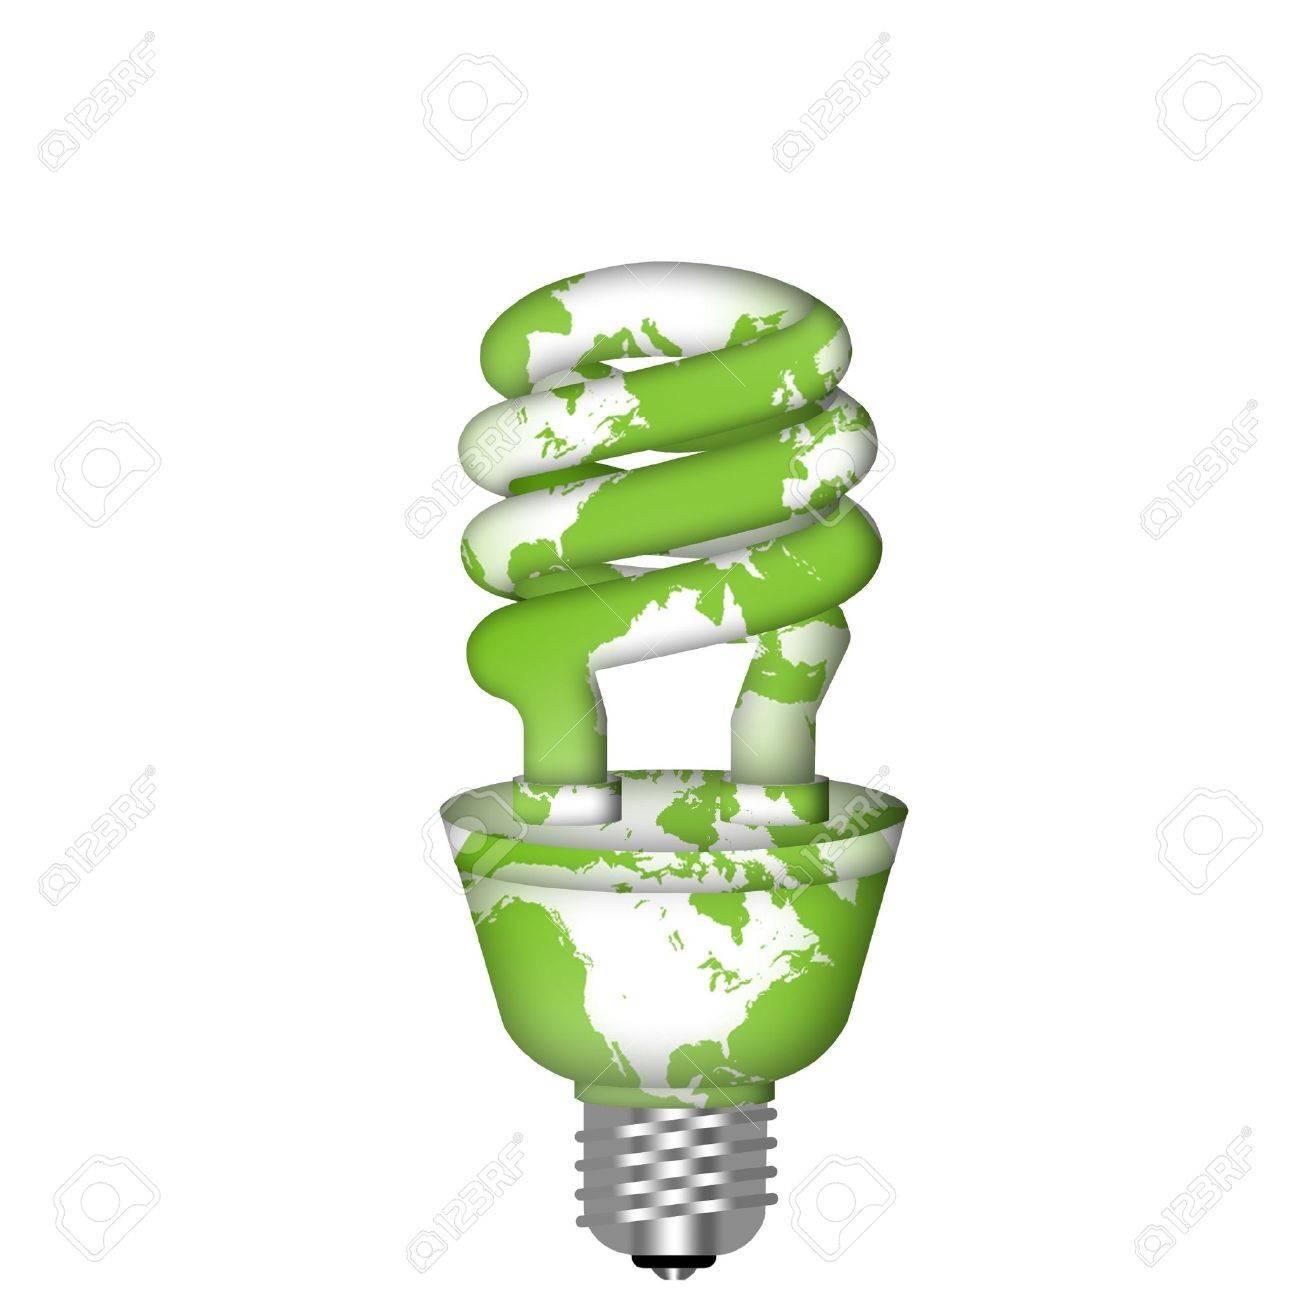 Energy Saving Eco Lightbulb with World Map on White Background Stock Photo - 8346465